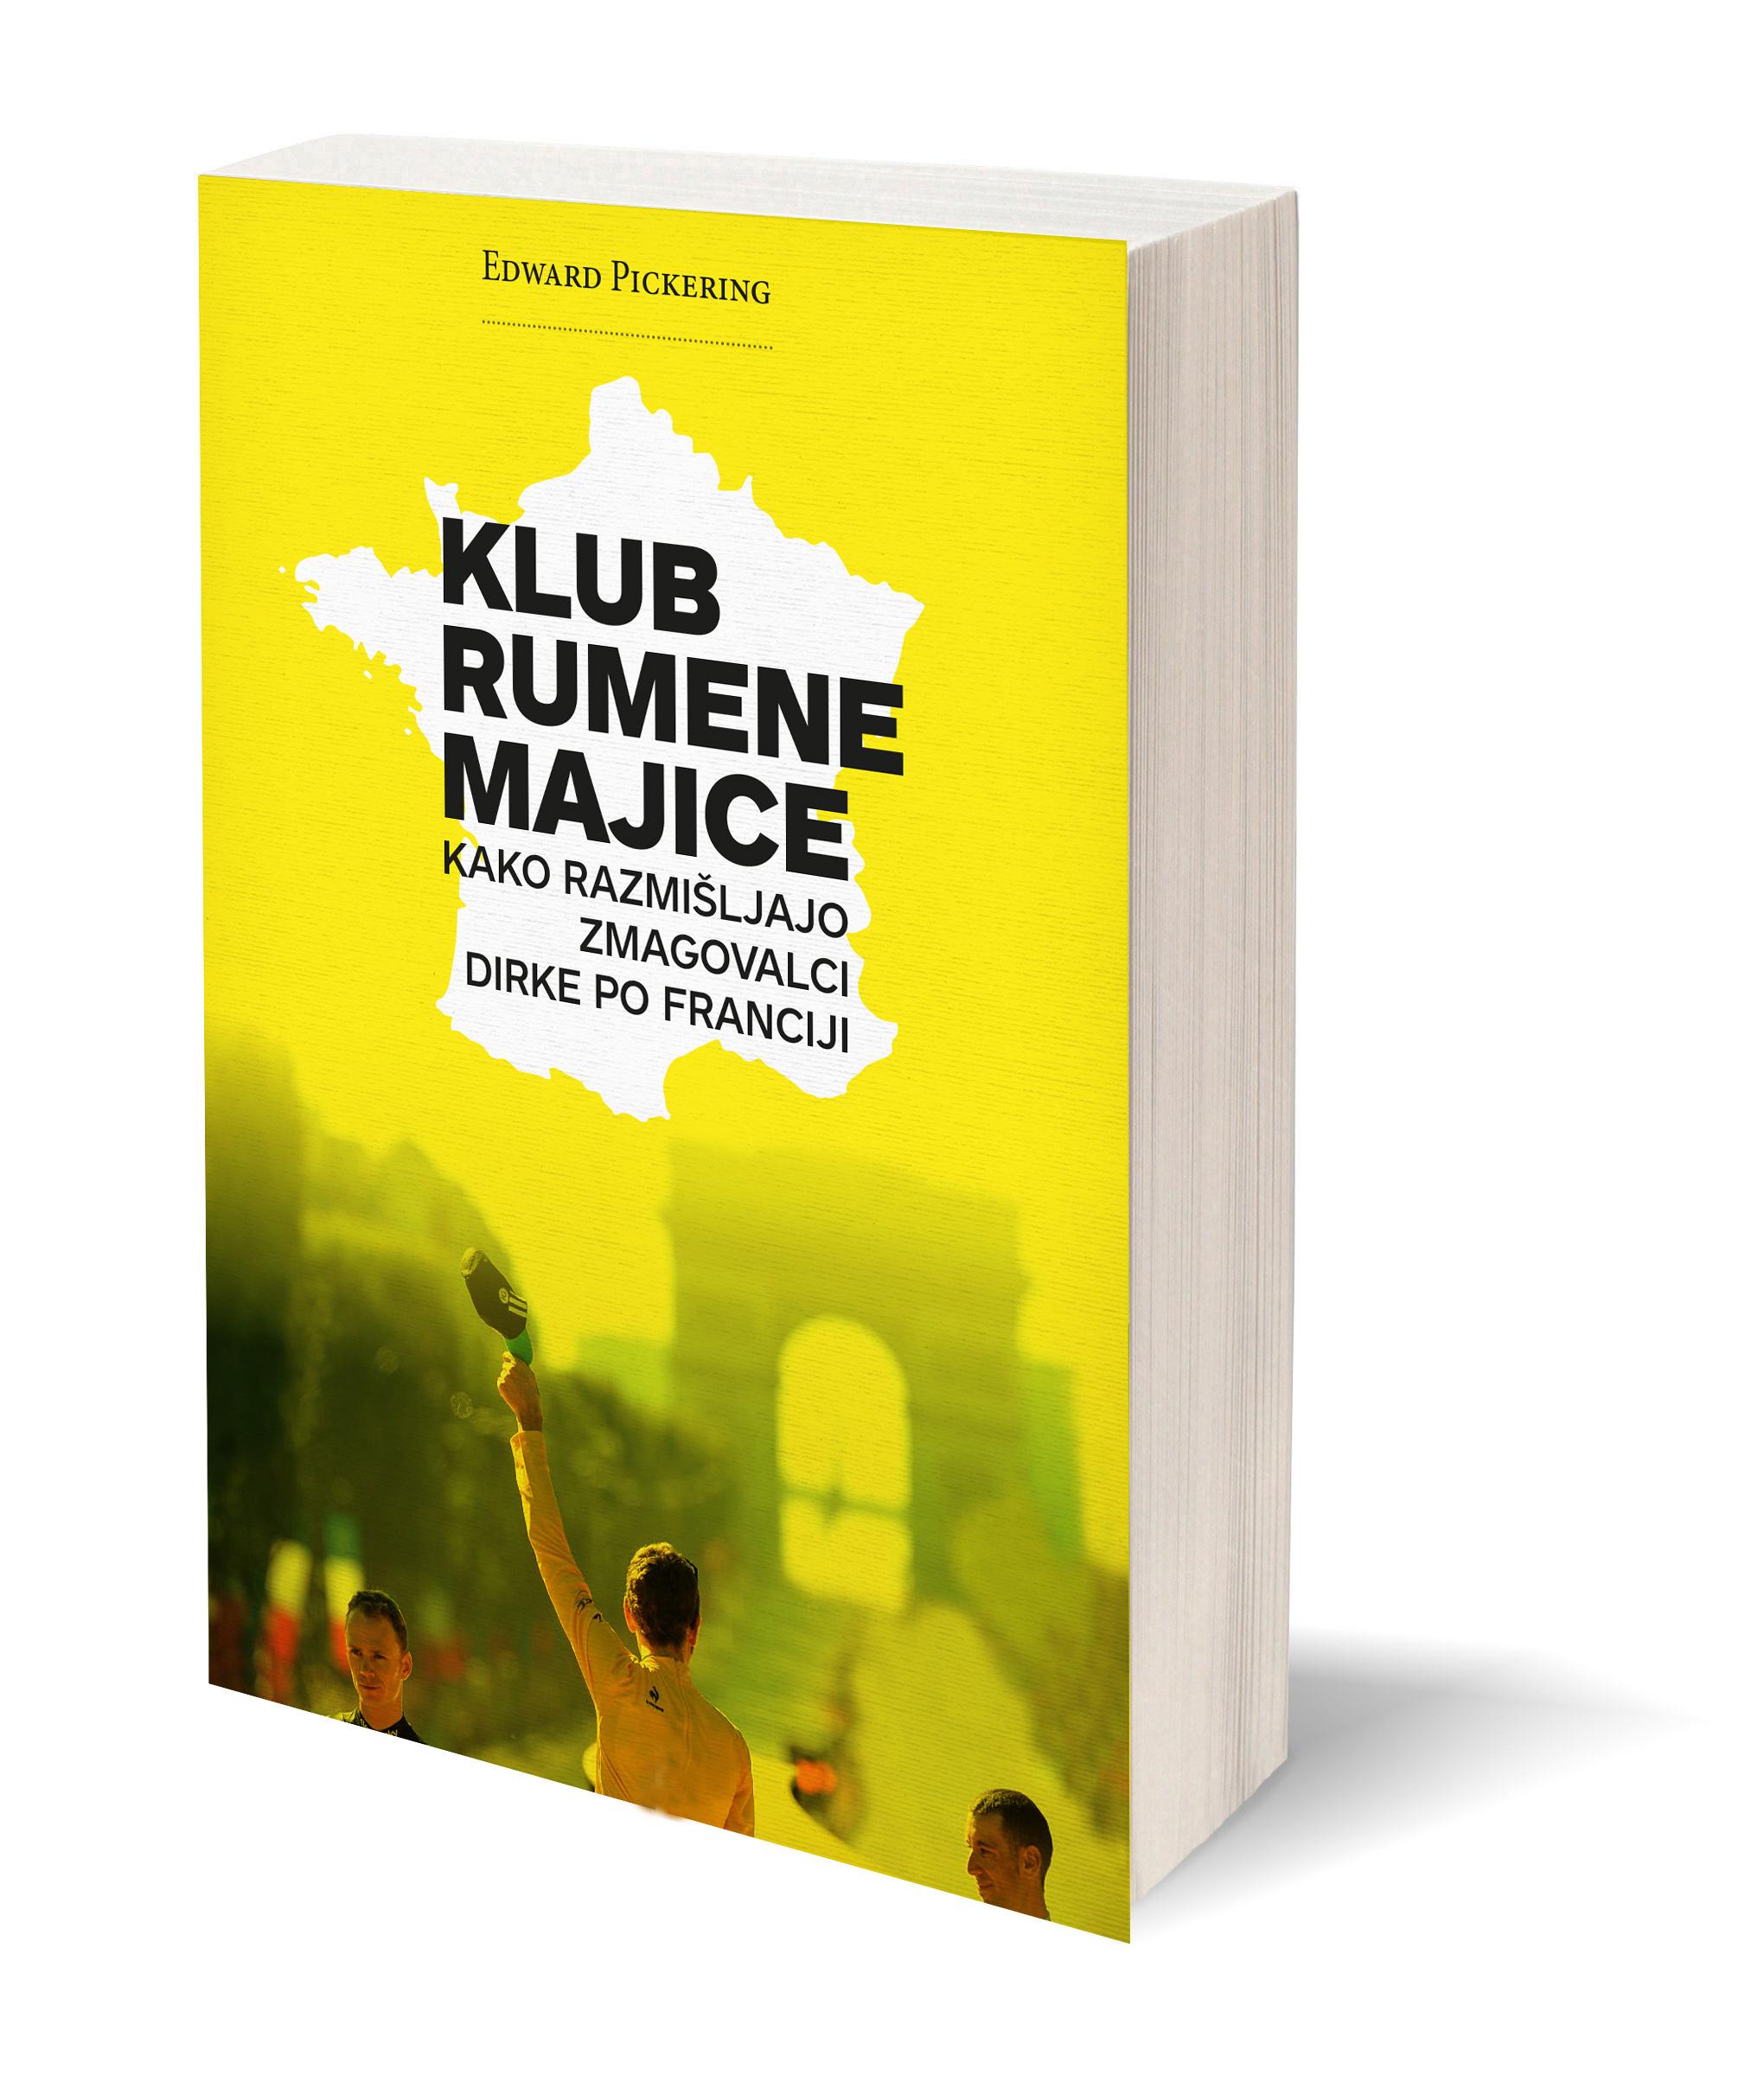 Klub rumene majice - kako razmišljajo zmagovalci Dirke po Franciji